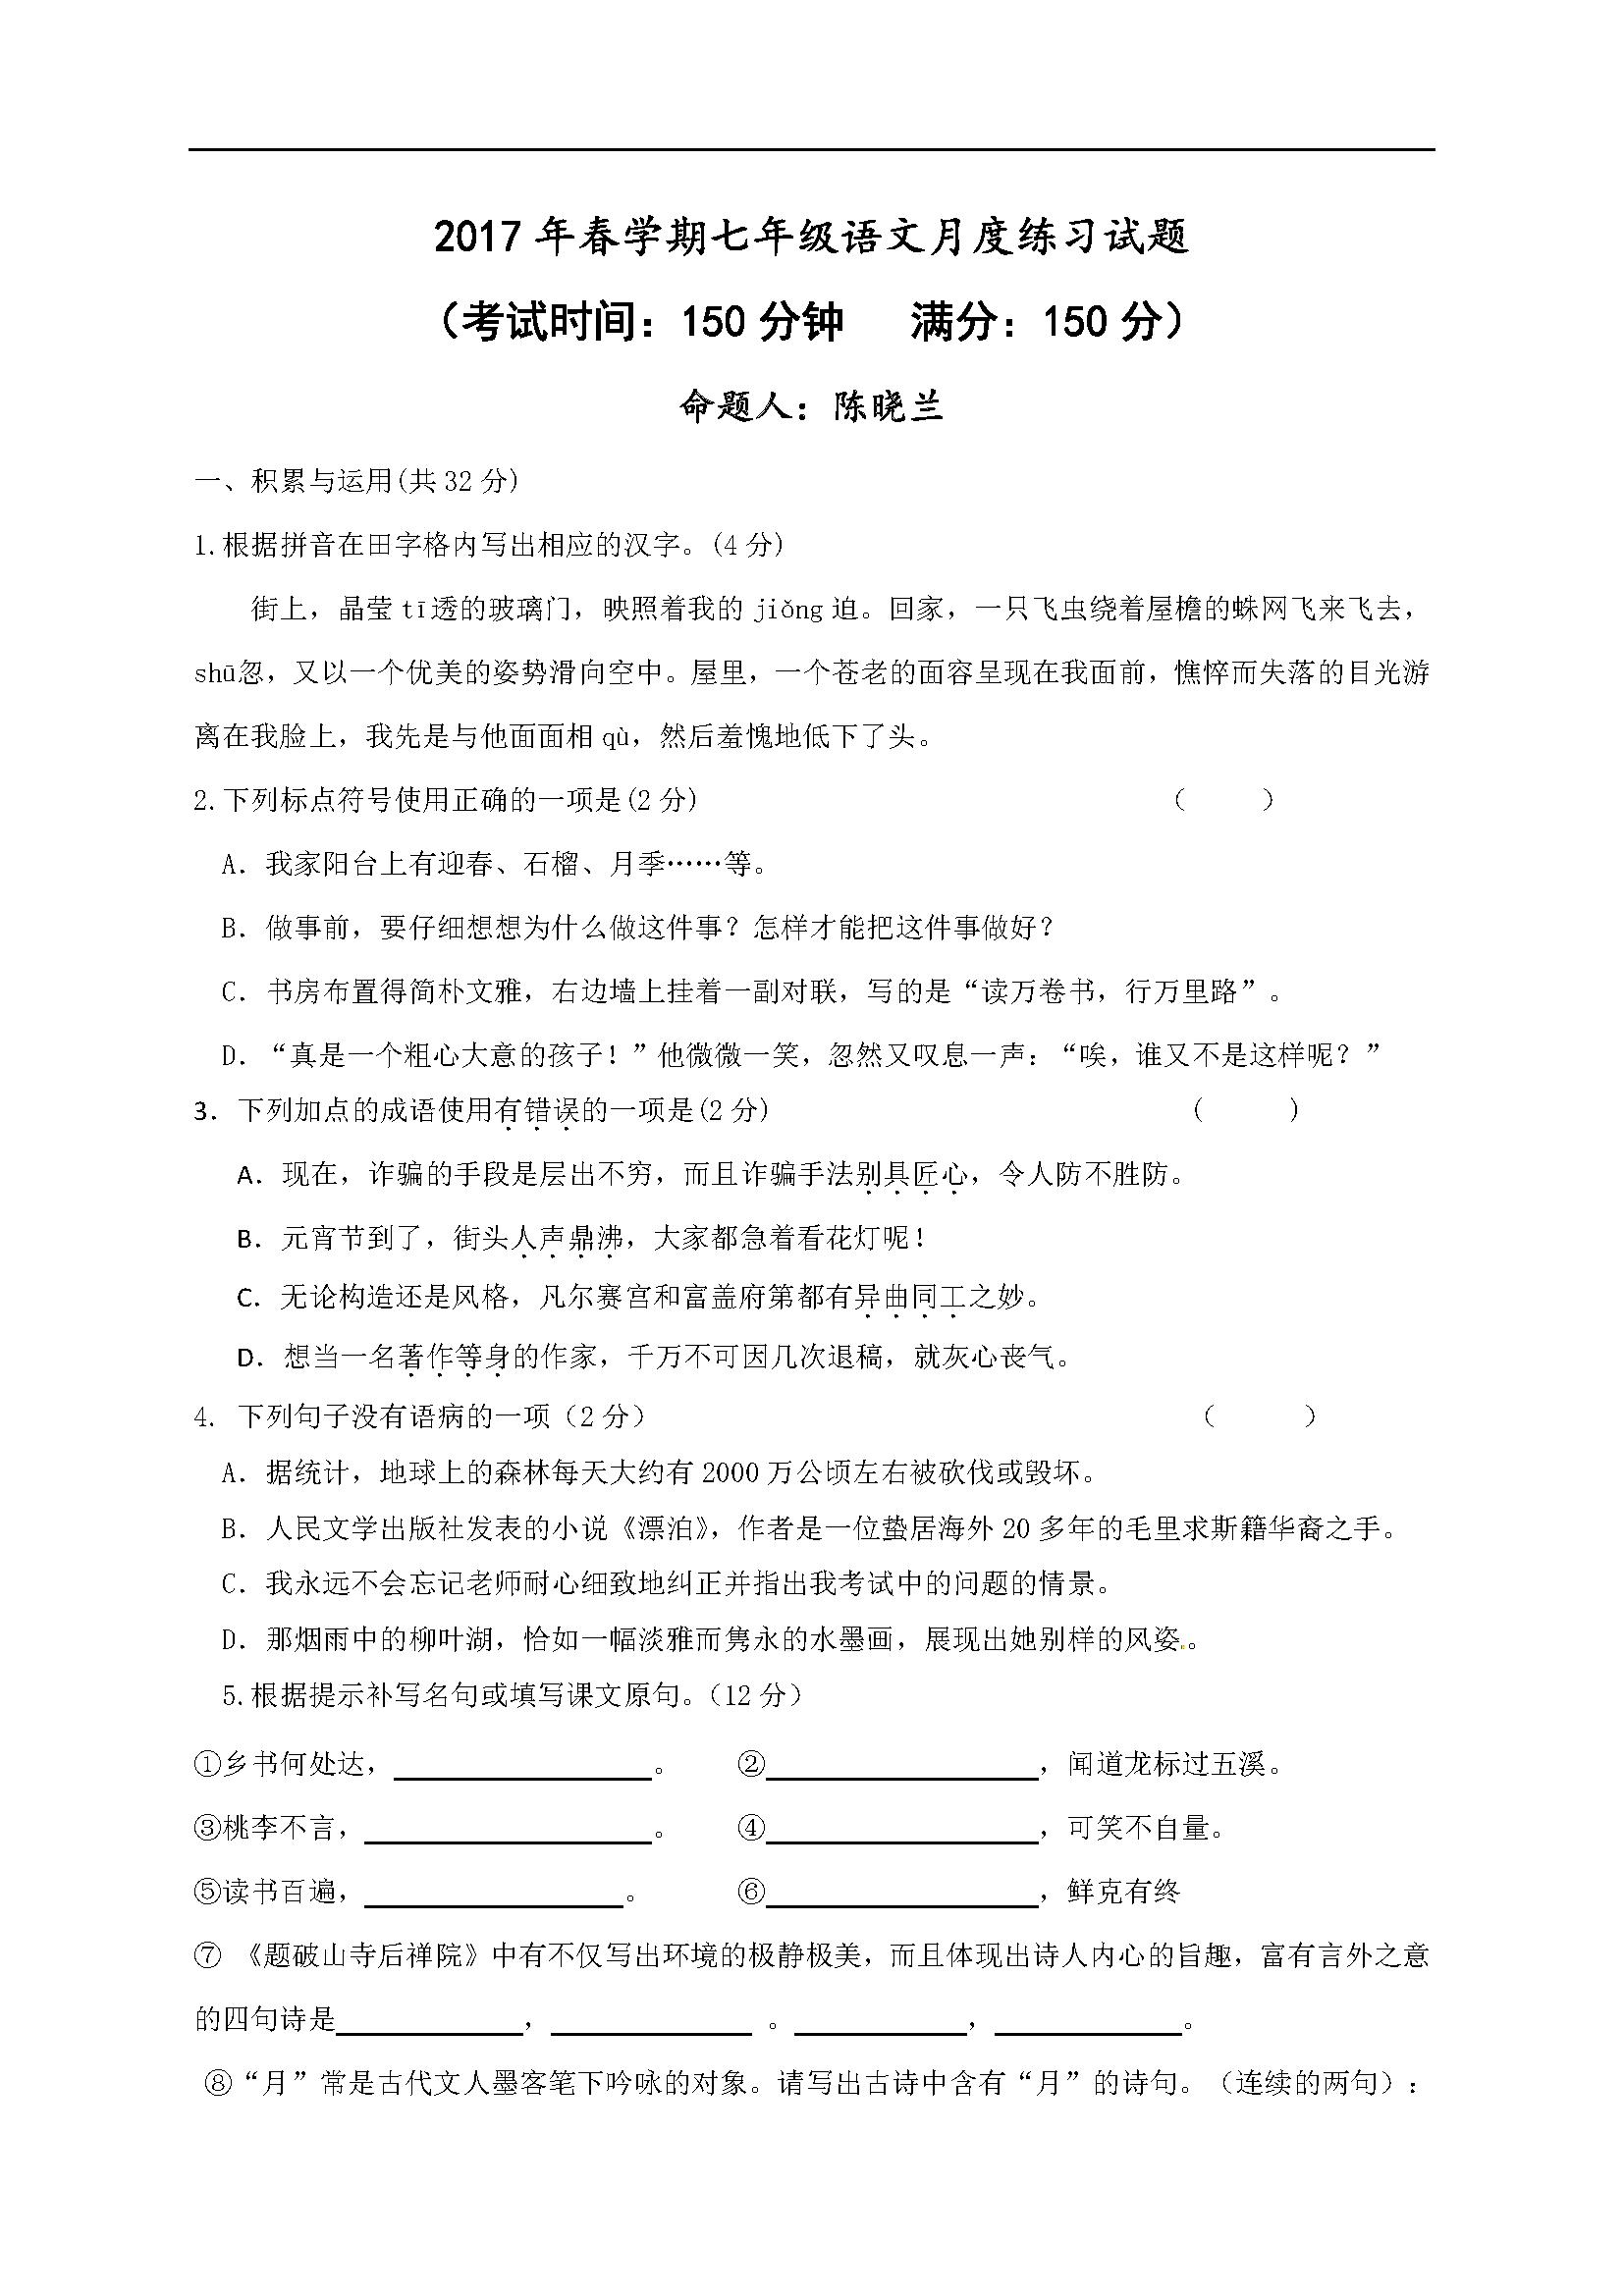 2017江苏泰州中学七年级下第一次月考语文试题(图片版)